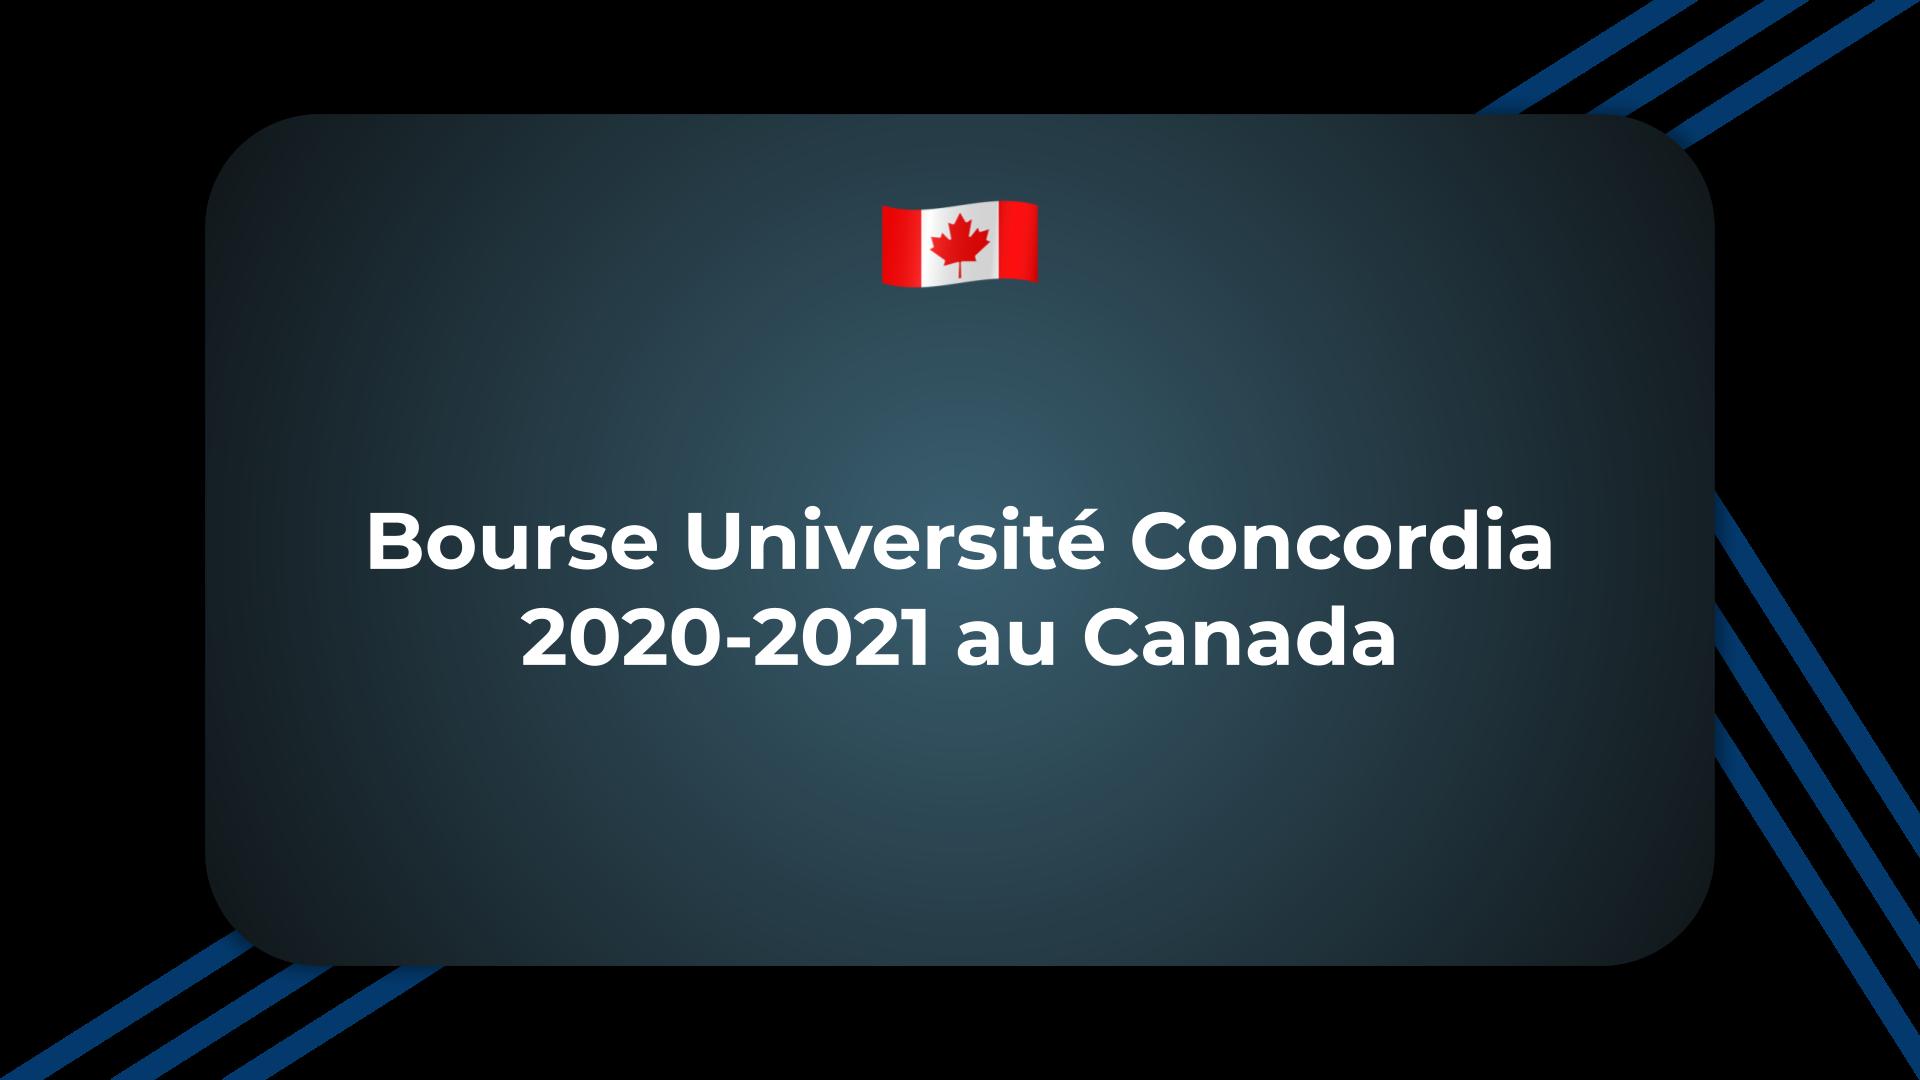 Bourse Université Concordia